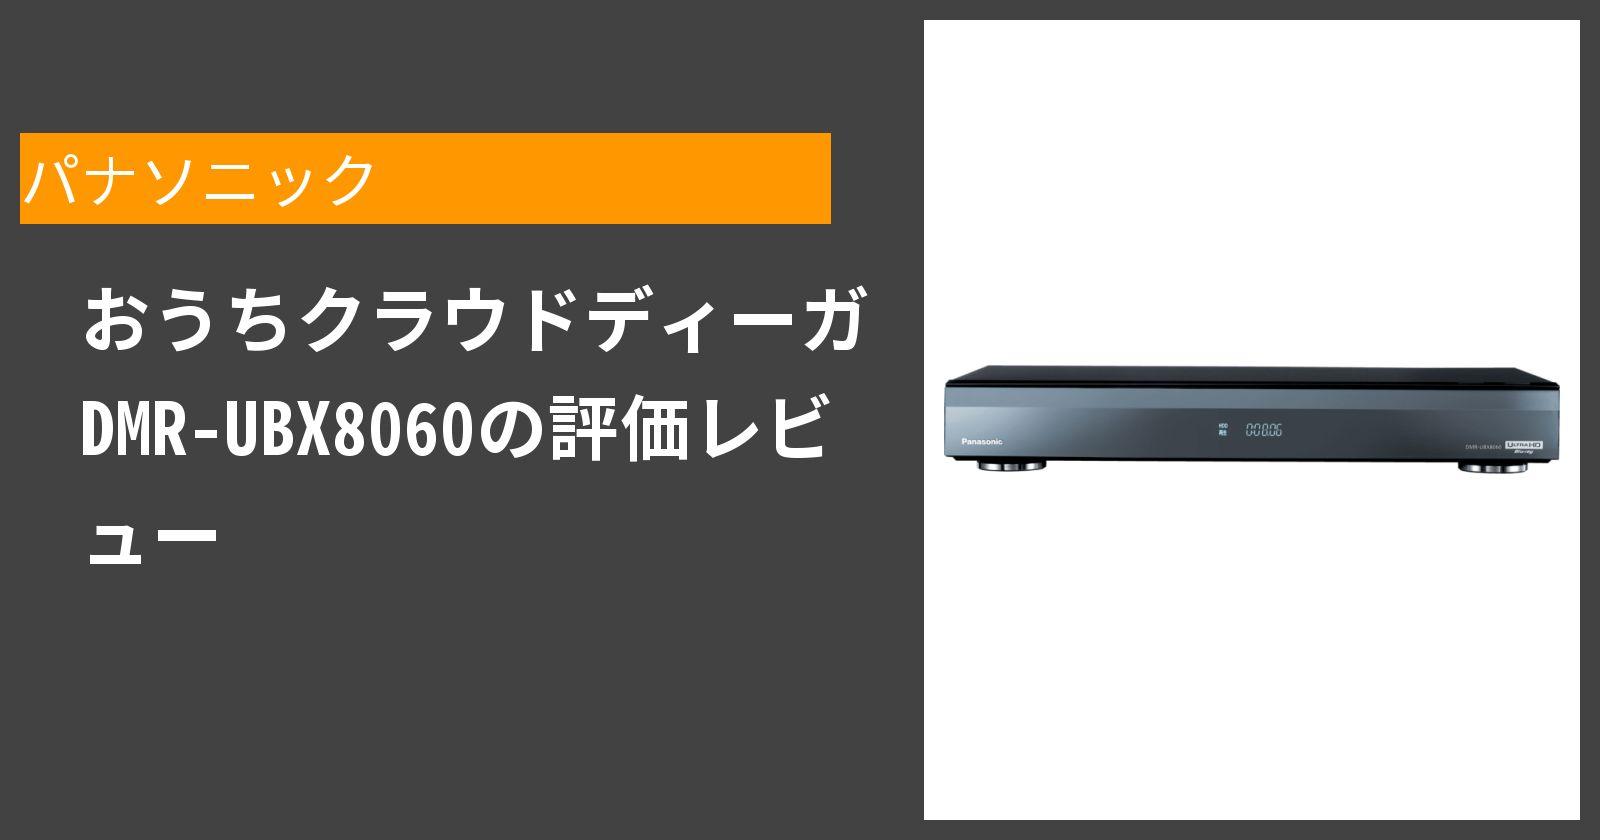 おうちクラウドディーガ DMR-UBX8060を徹底評価